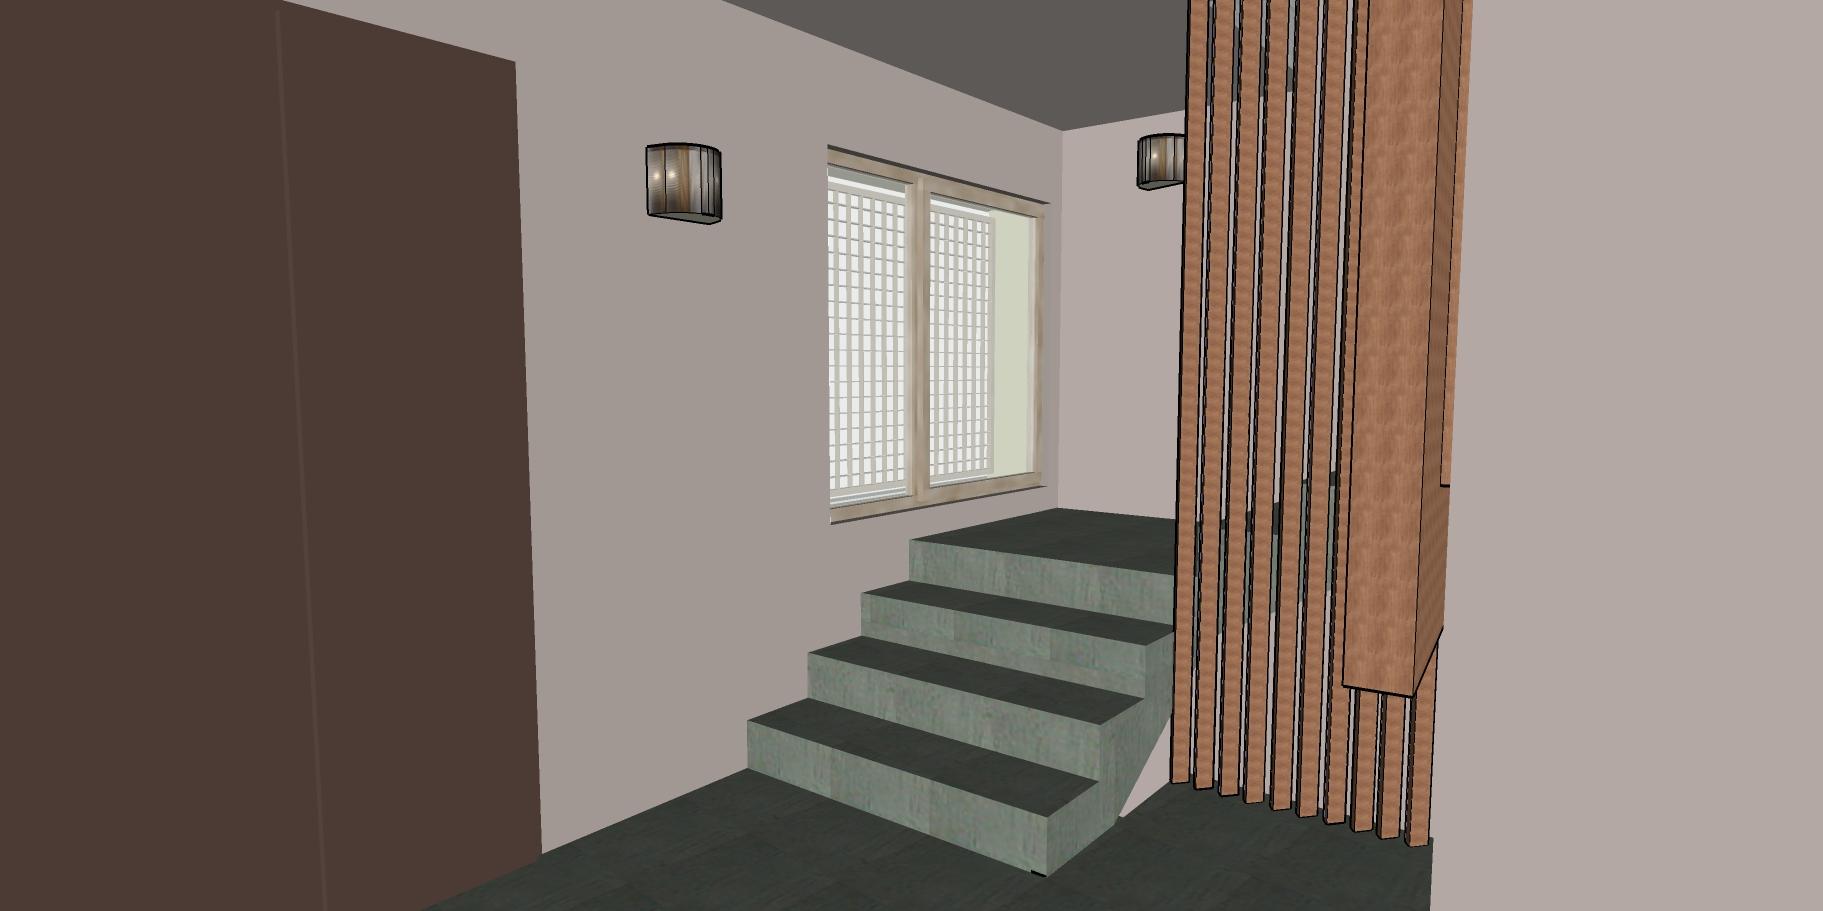 Decoration Intérieur Entrée Hall | Images Gratuites Intérieur Entrée ...